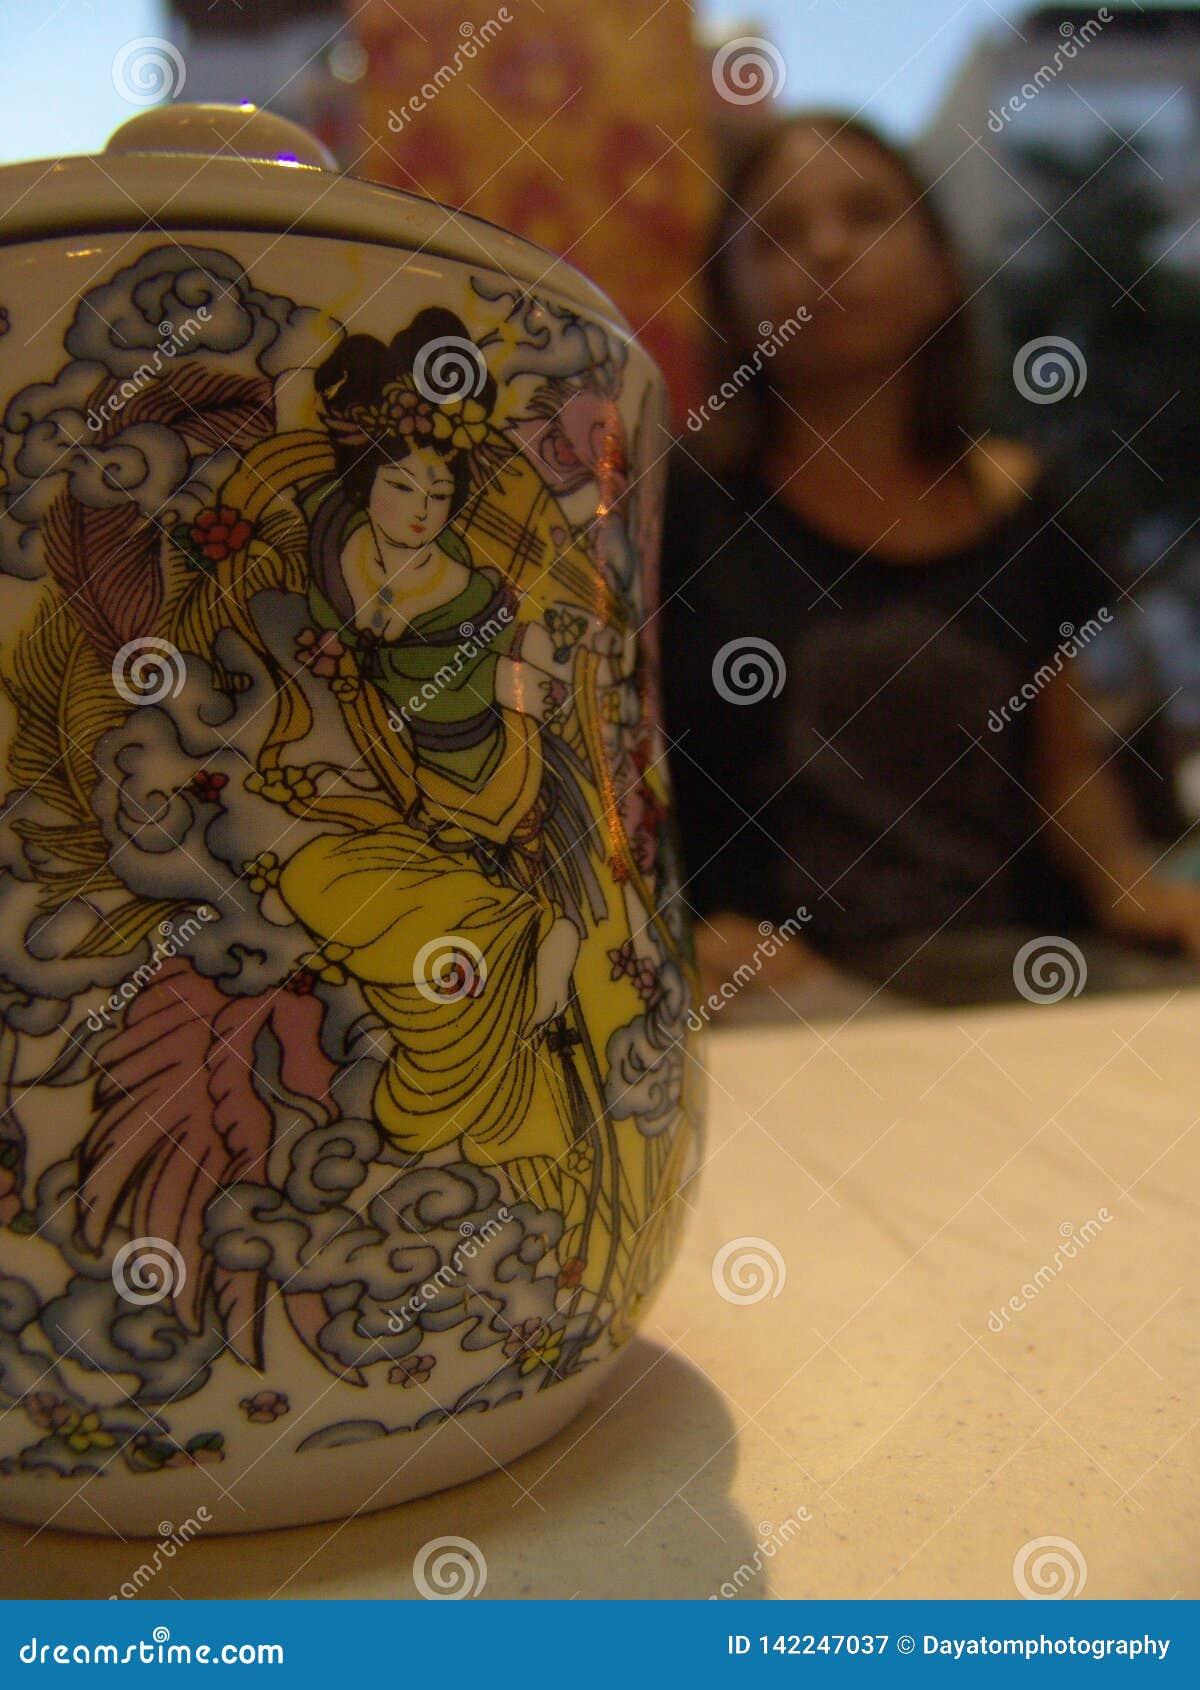 Tazza del tè con un coperchio, con bella pittura asiatica e su una maniglia del dito, stante sulla tavola bianca